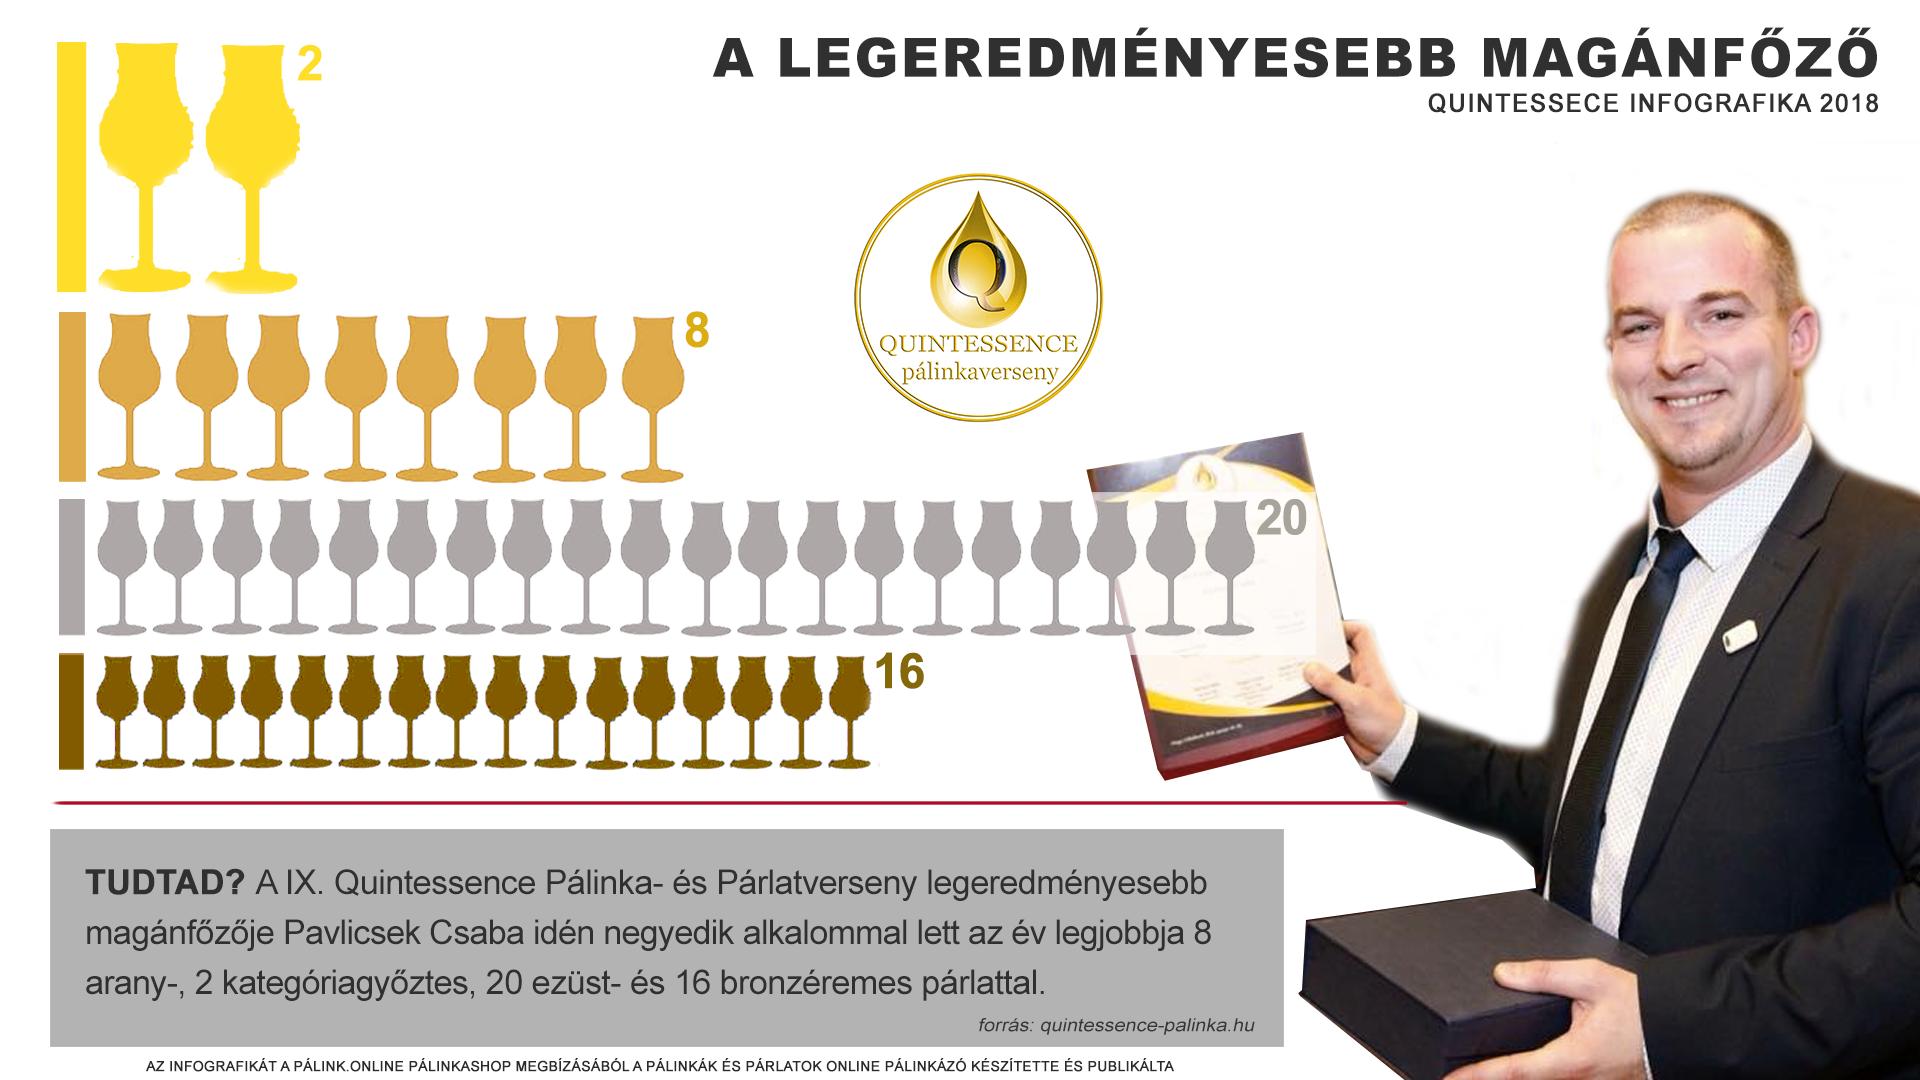 Pálinkatételek megoszlása a IX. Quintessence pálinkaversenyen - palinka.online infografika